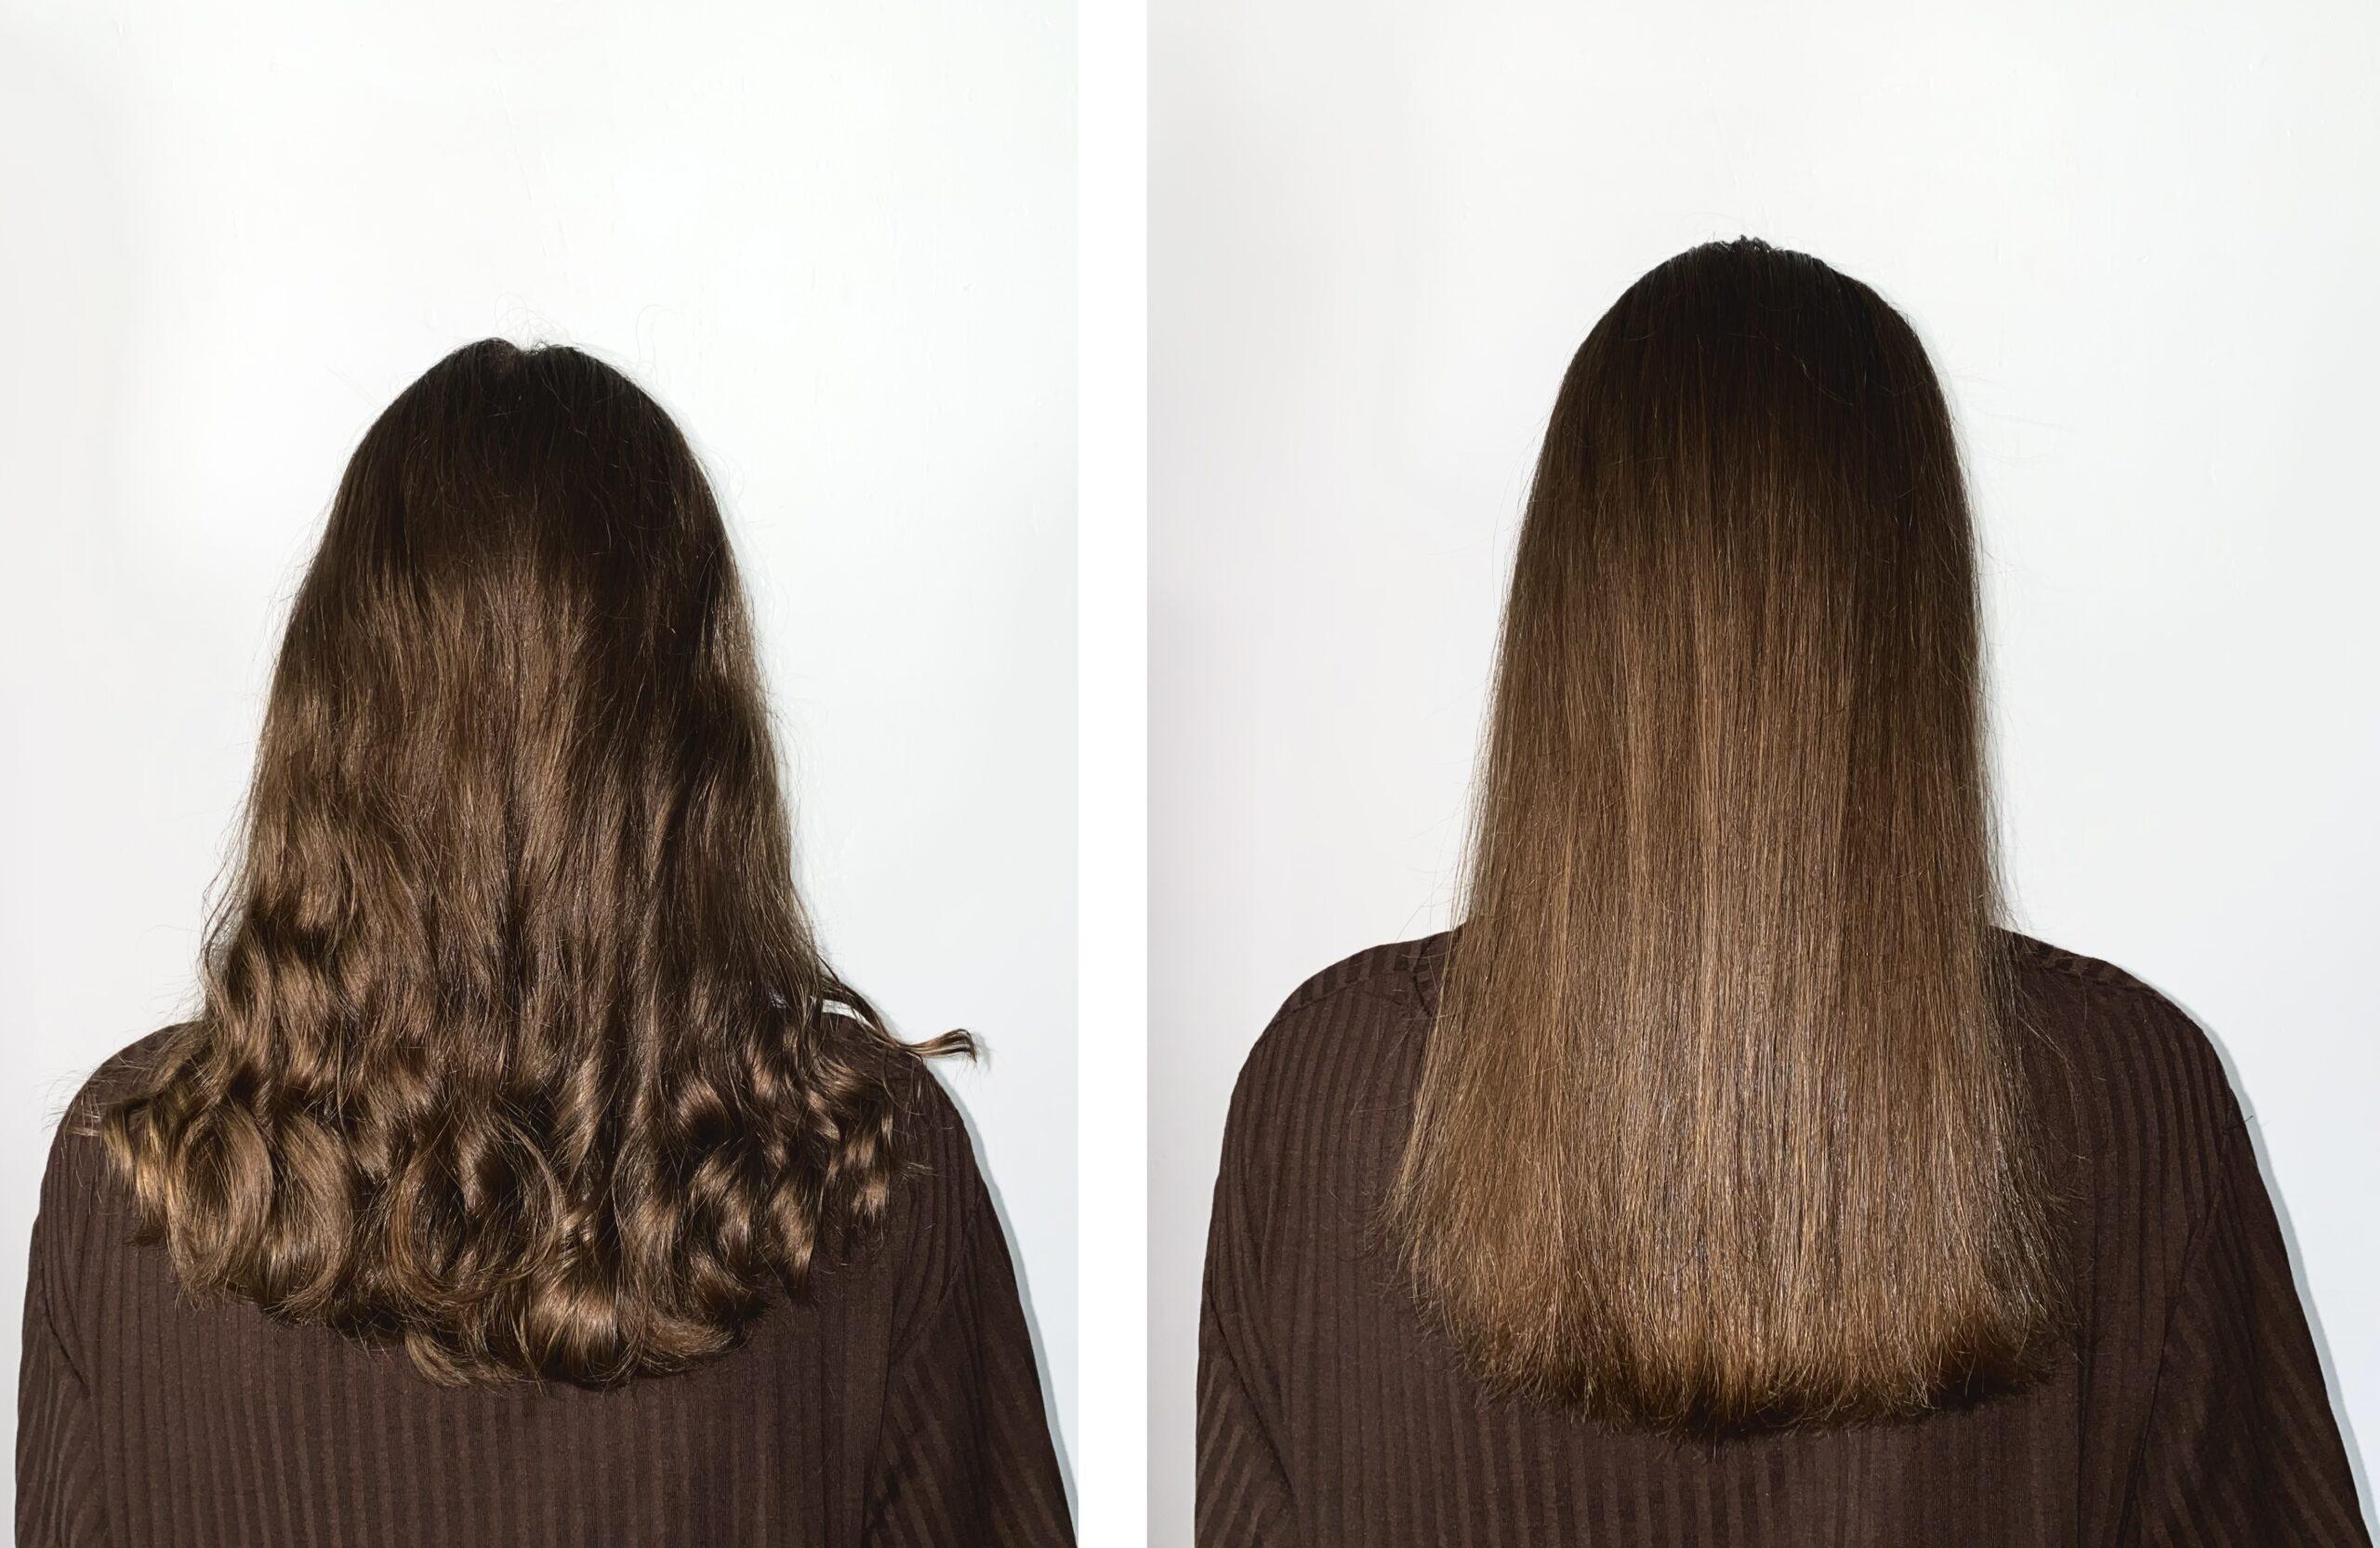 Włosy przed i po użyciu szczotki prostującej.